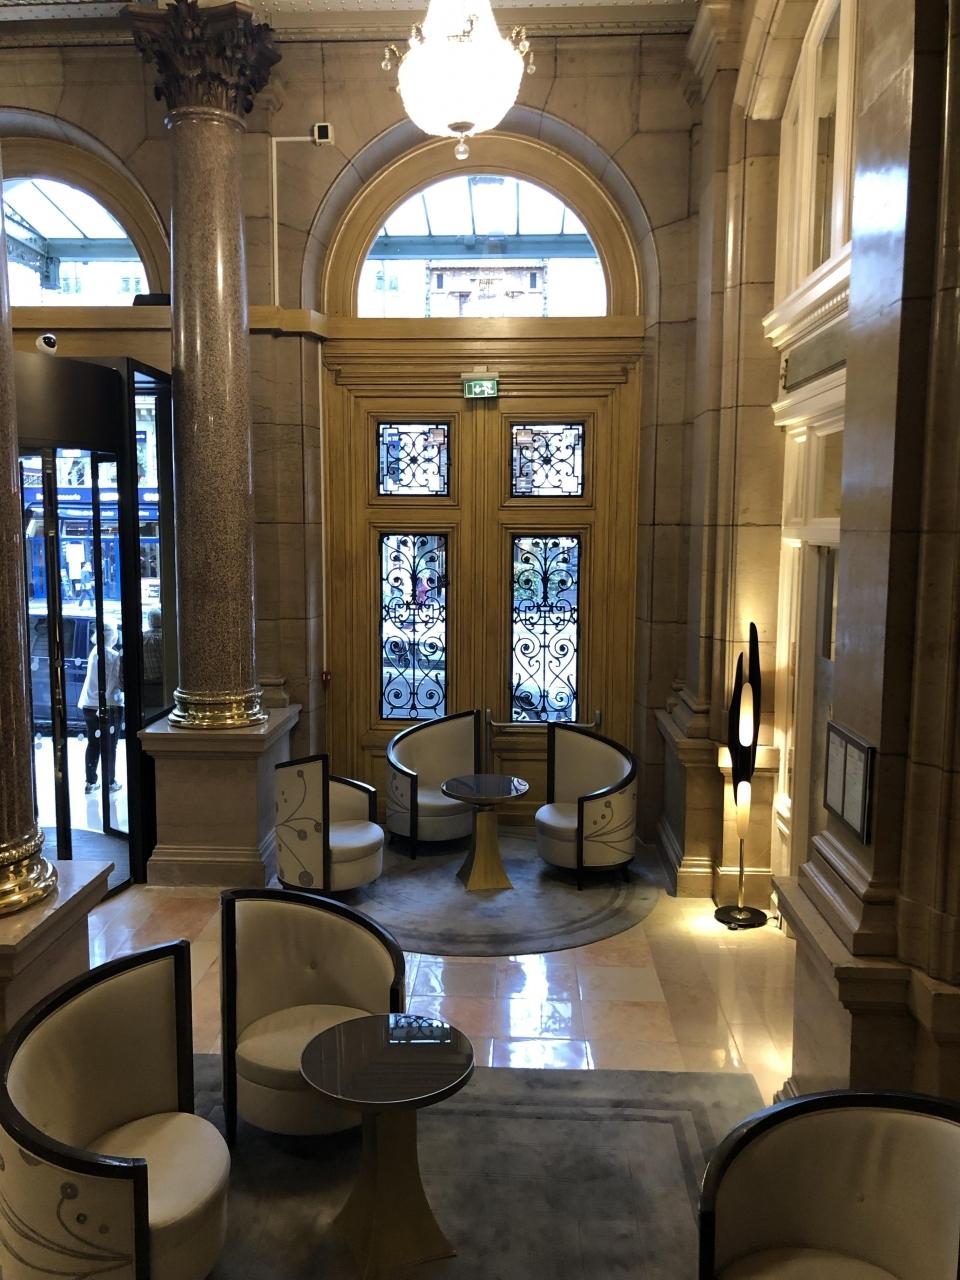 初めてのパリでの滞在はどこに行くにも便利な ヒルトン・パリ・オペラ  ホテルもとても居心地が良い